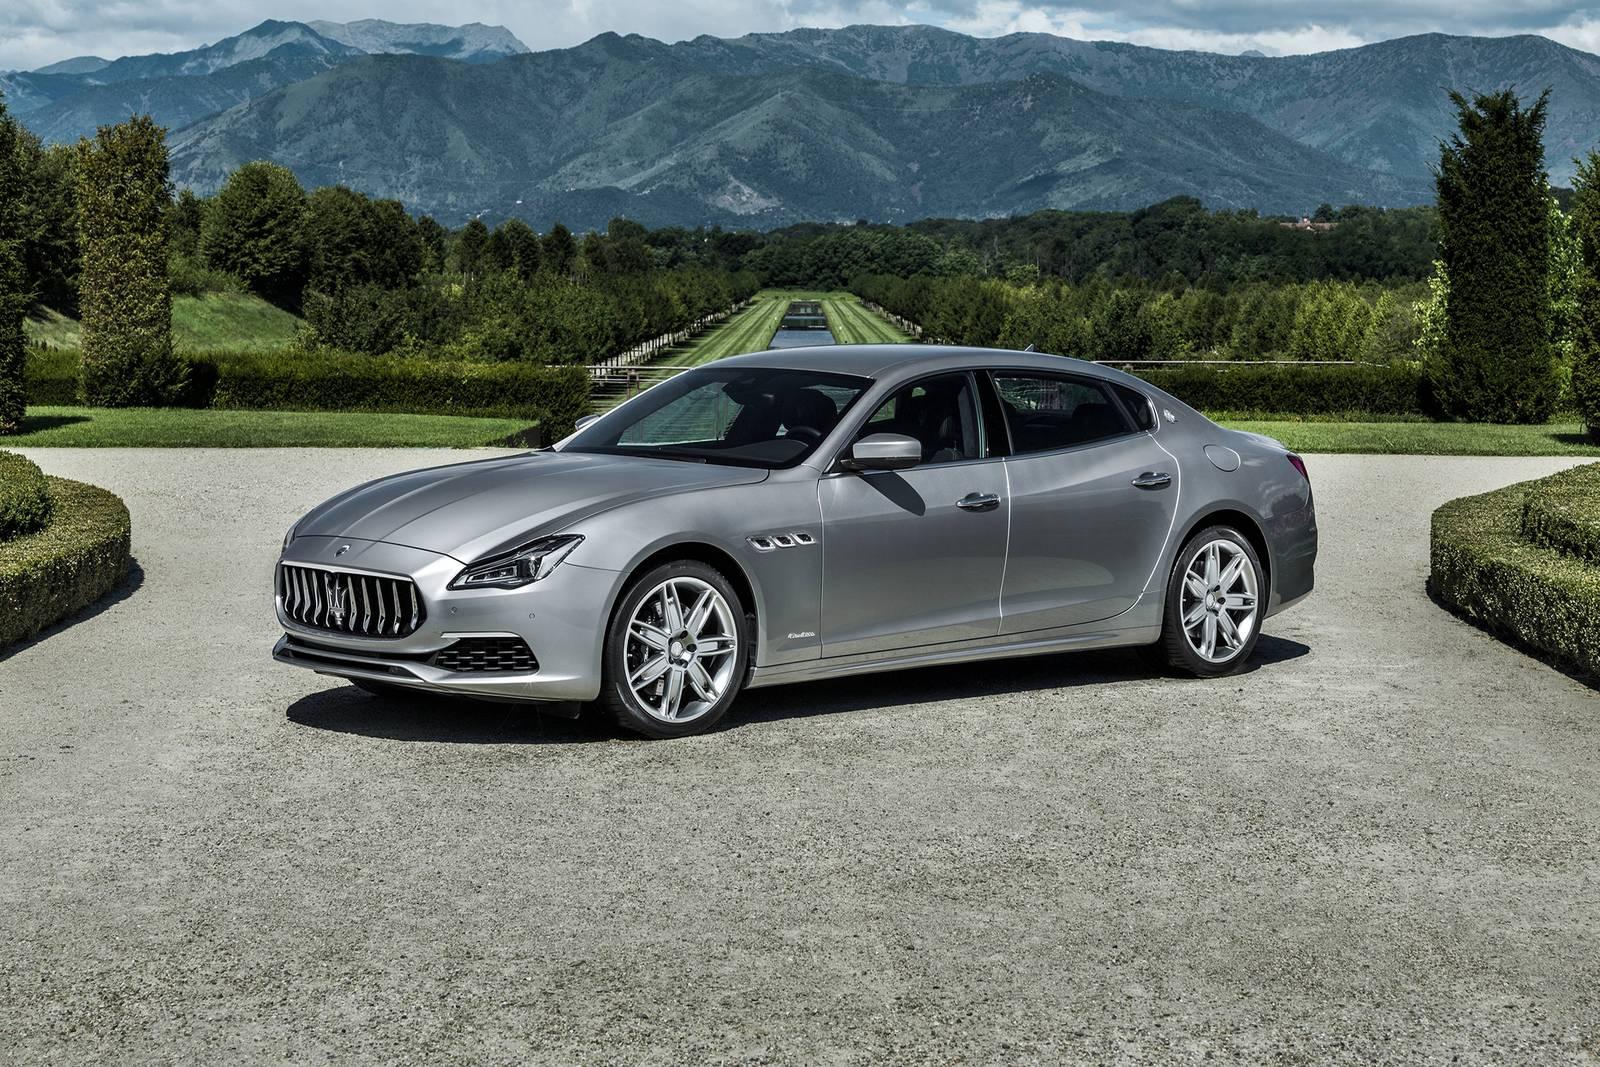 2018 maserati quattroporte sedan s q4 granlusso fq oem 1 1600